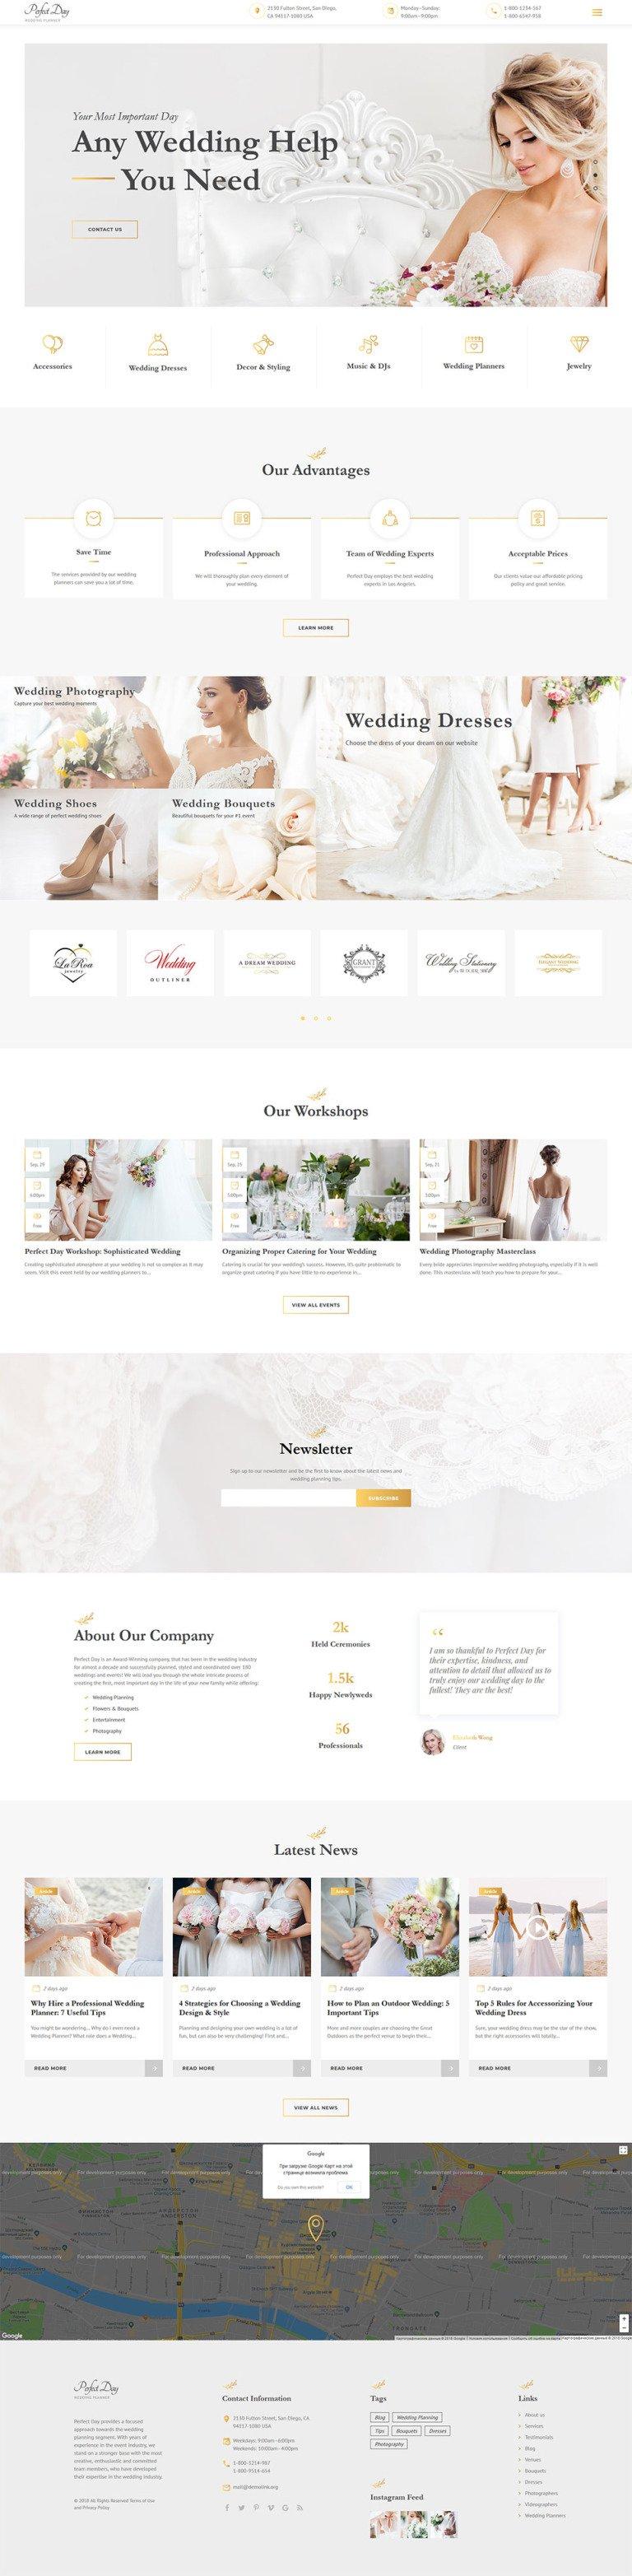 Perfect Bride Website Template New Screenshots BIG